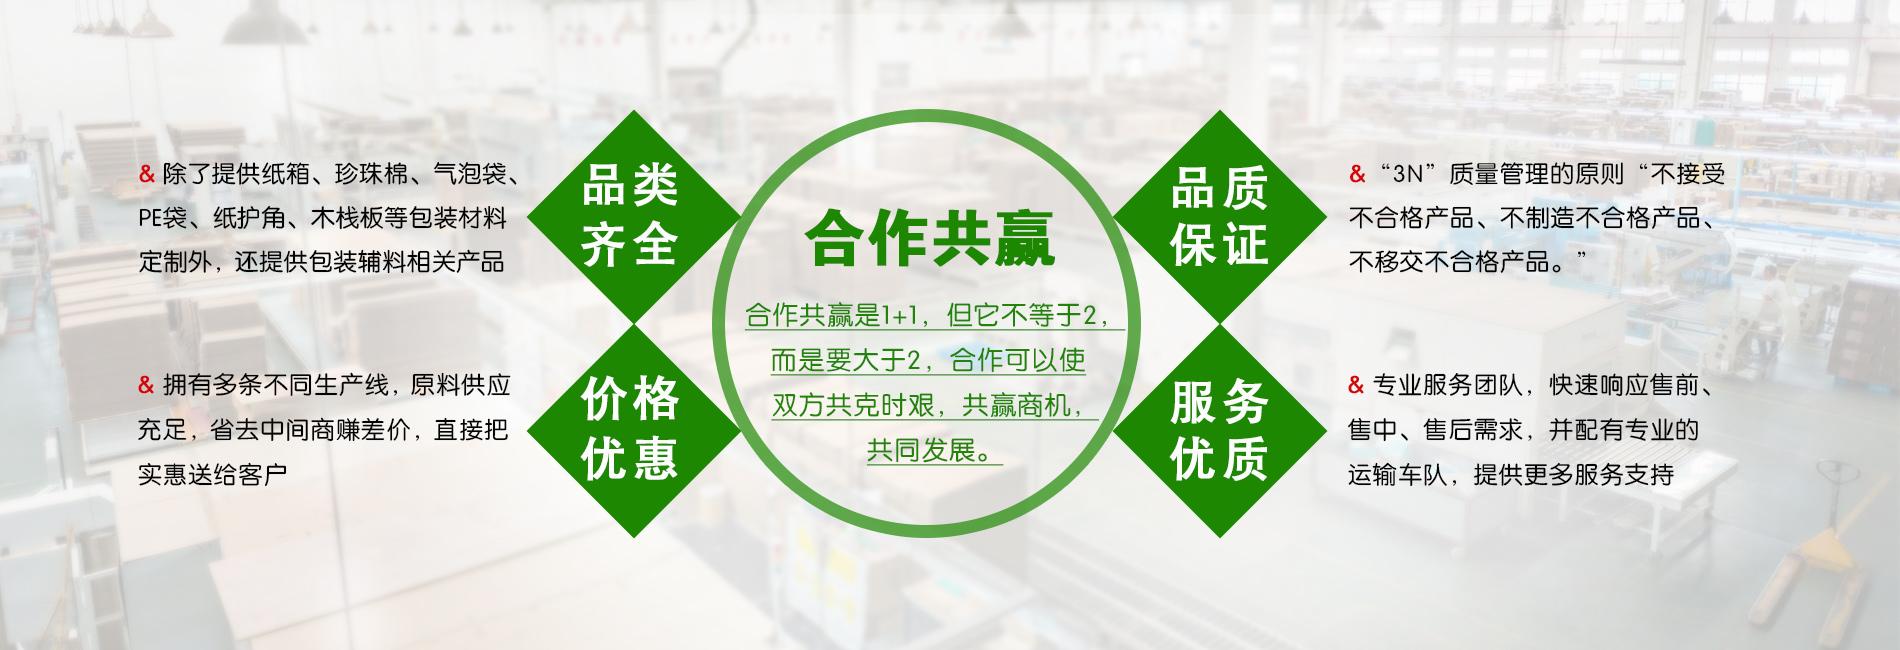 包装材料一站式采购 厂家直销  品质保证 交货及时